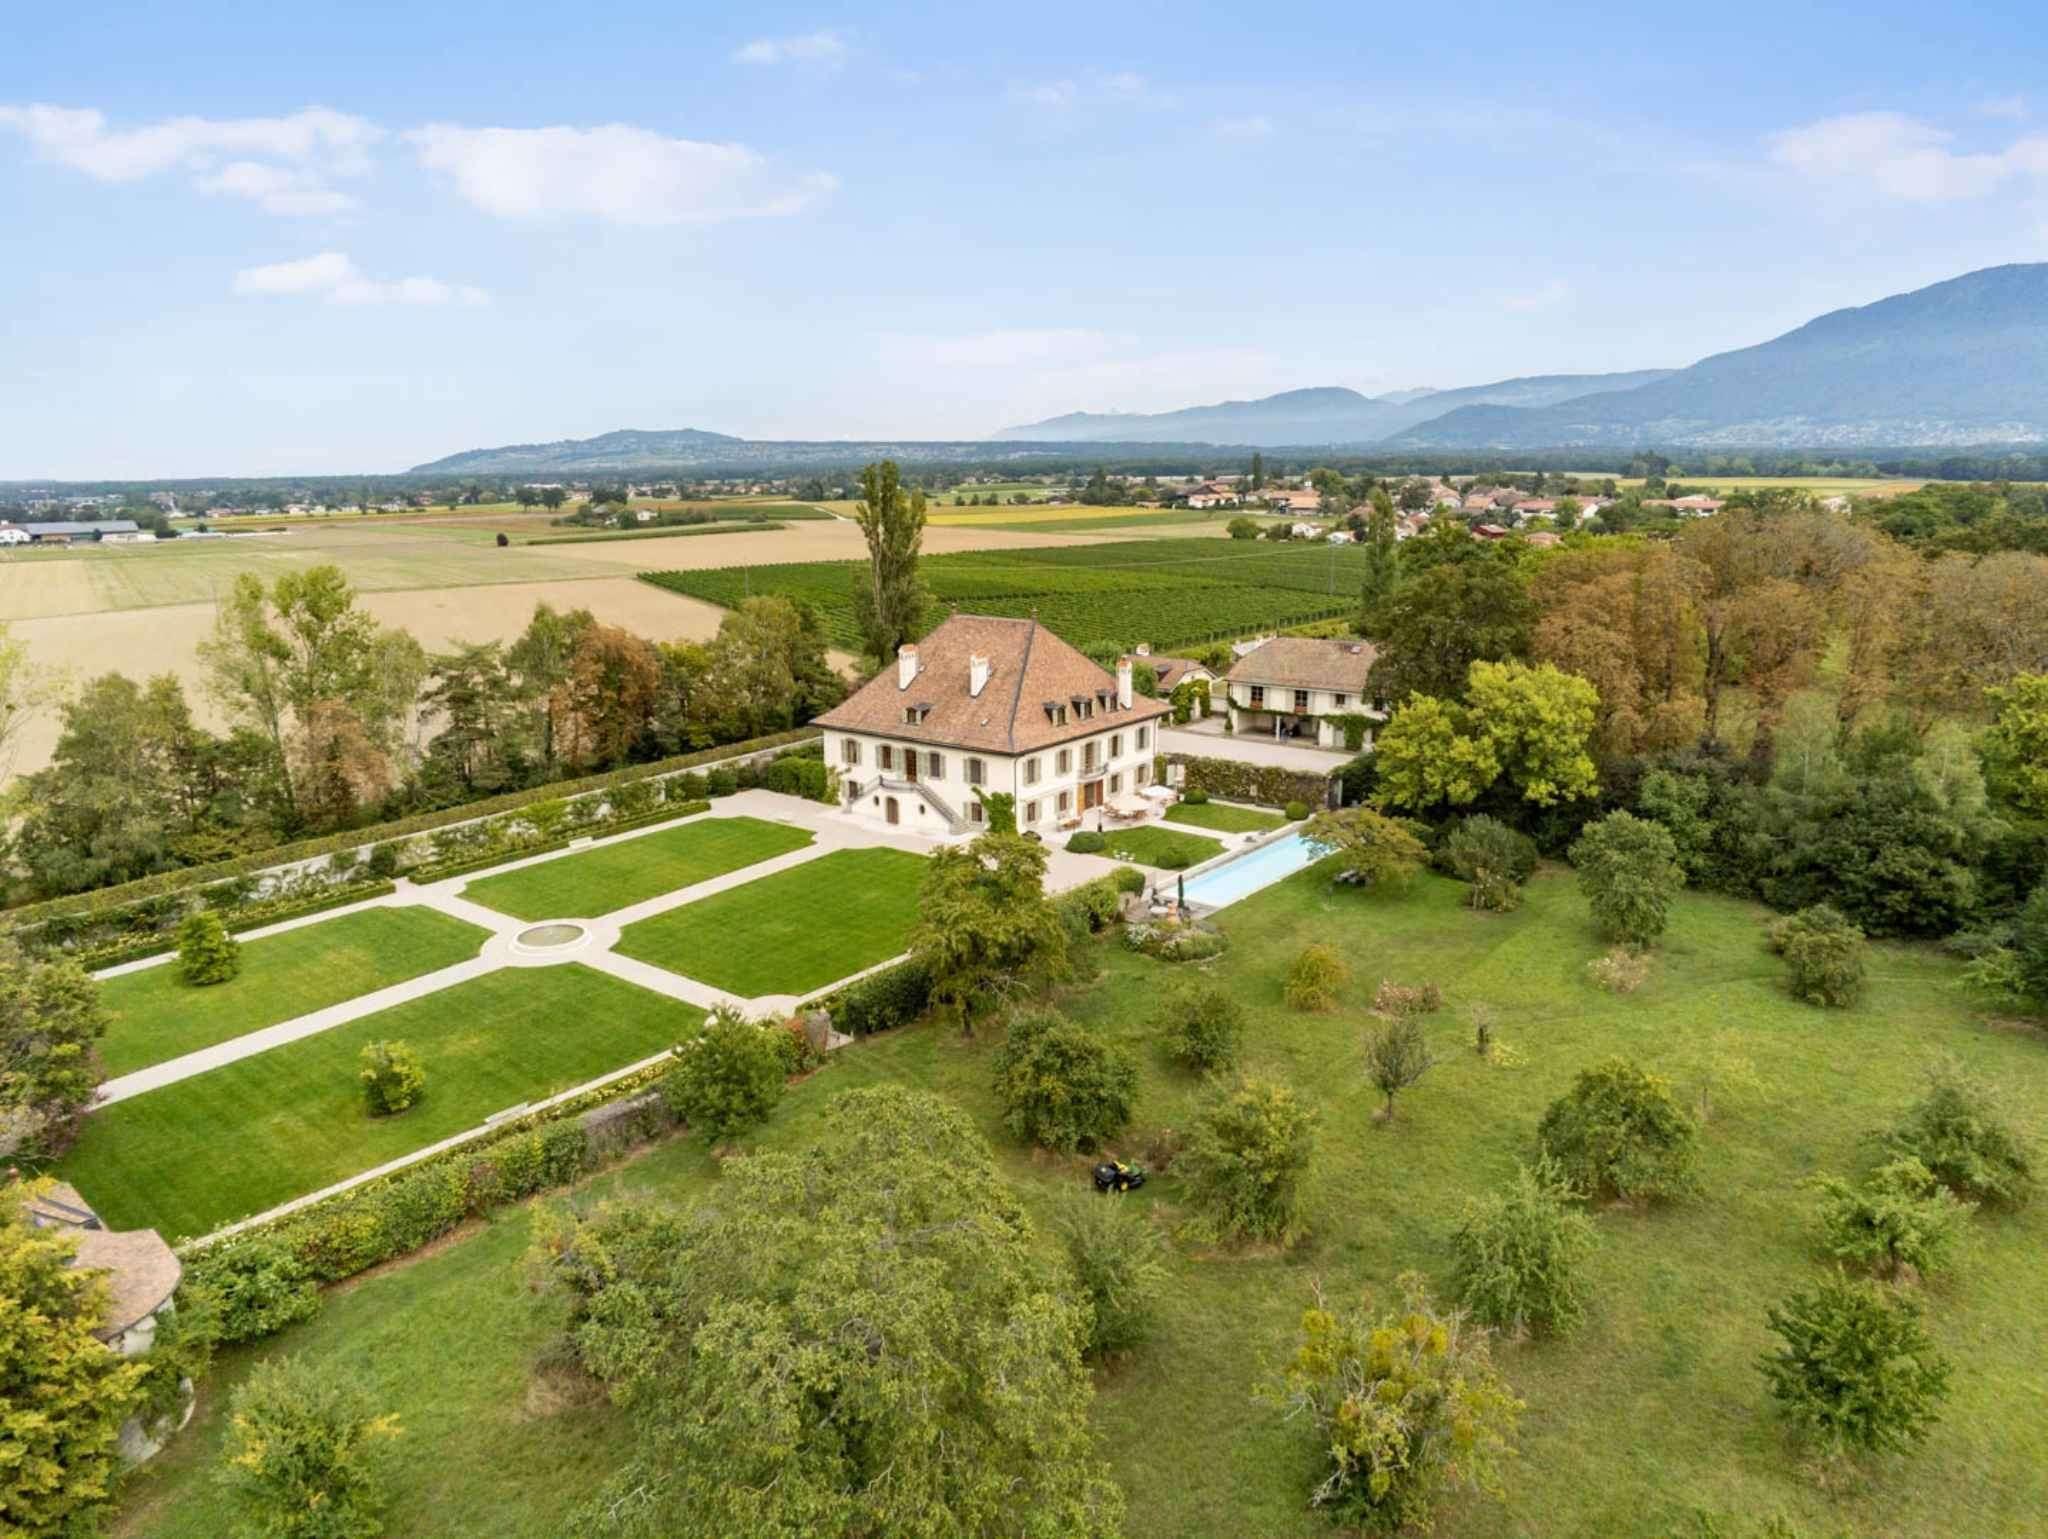 The Merlinge Estate